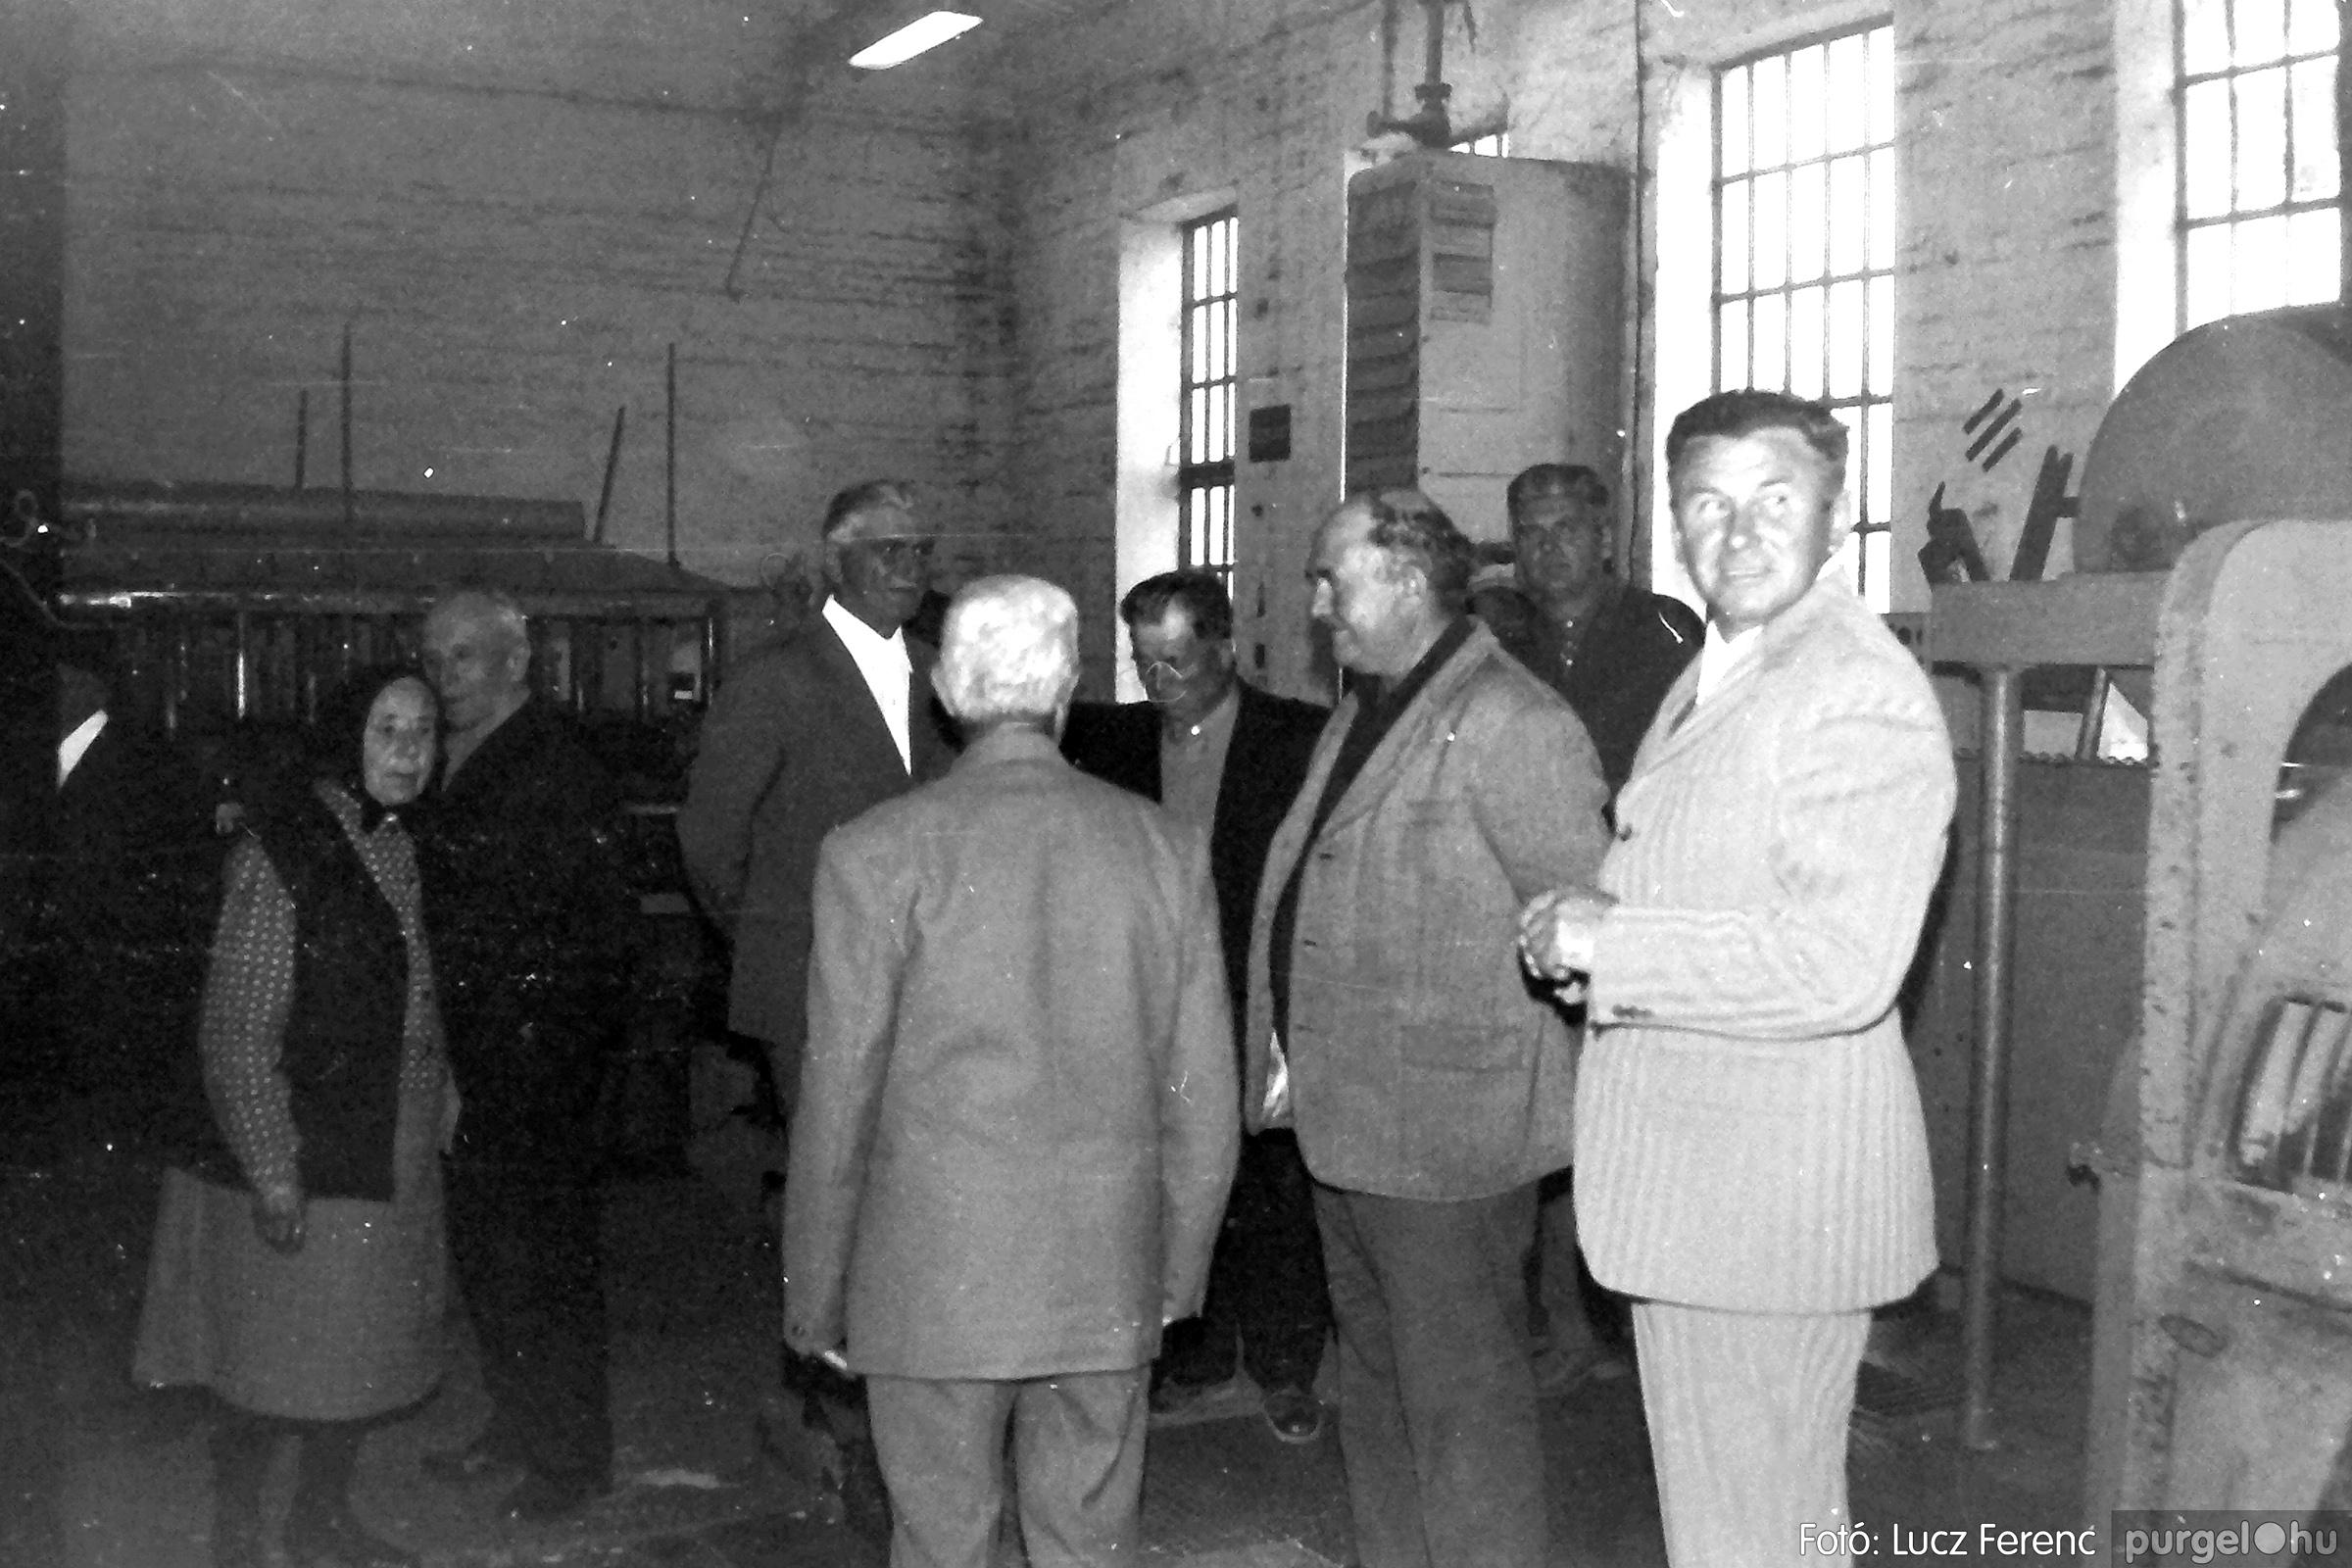 088A. 1977. Nyugdíjas találkozó a Kendergyárban 013. - Fotó: Lucz Ferenc.jpg